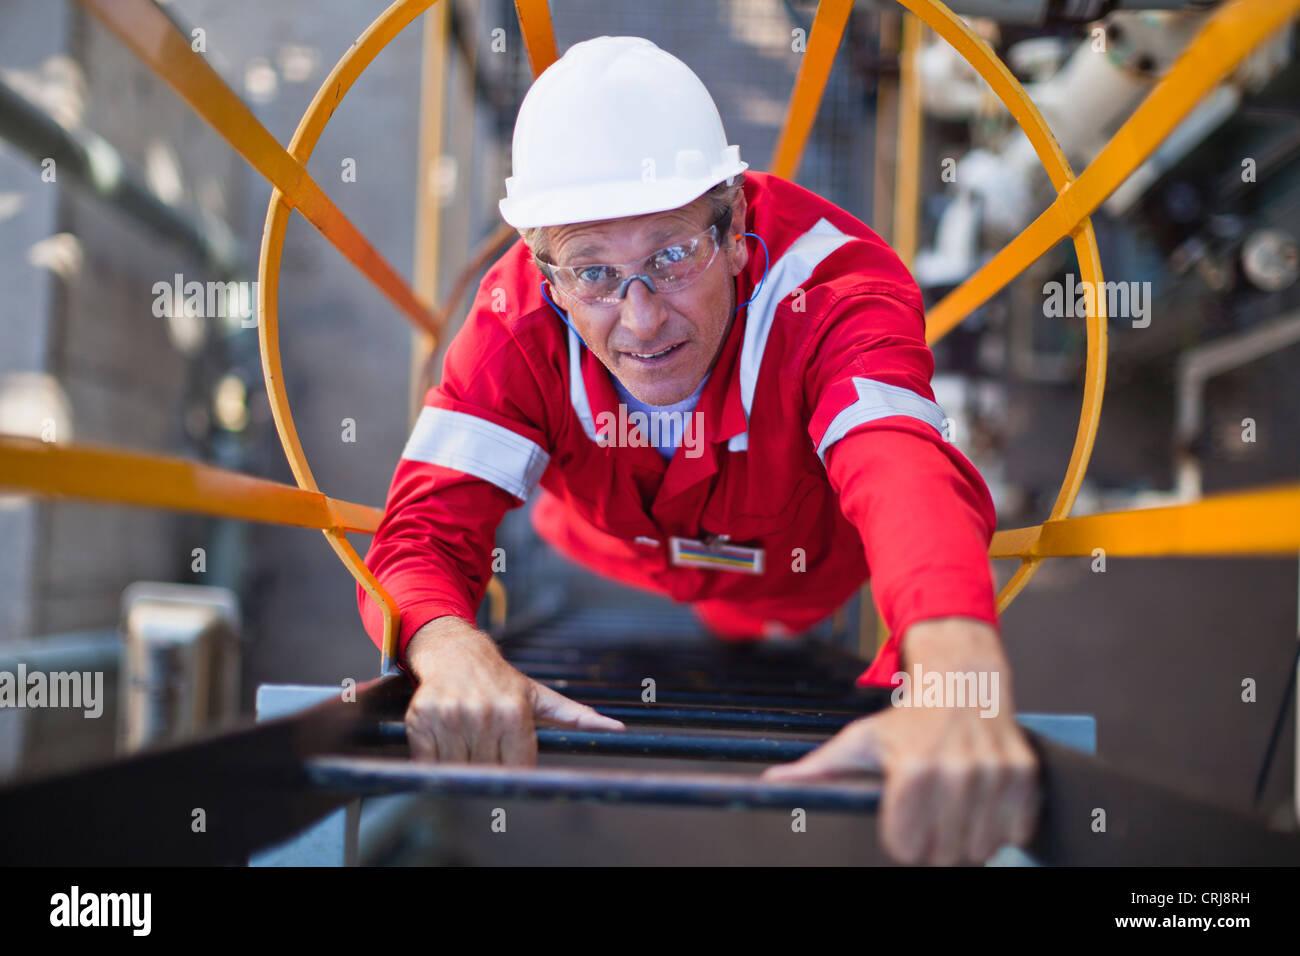 Lavoratore scaletta di arrampicata alla raffineria di petrolio Immagini Stock